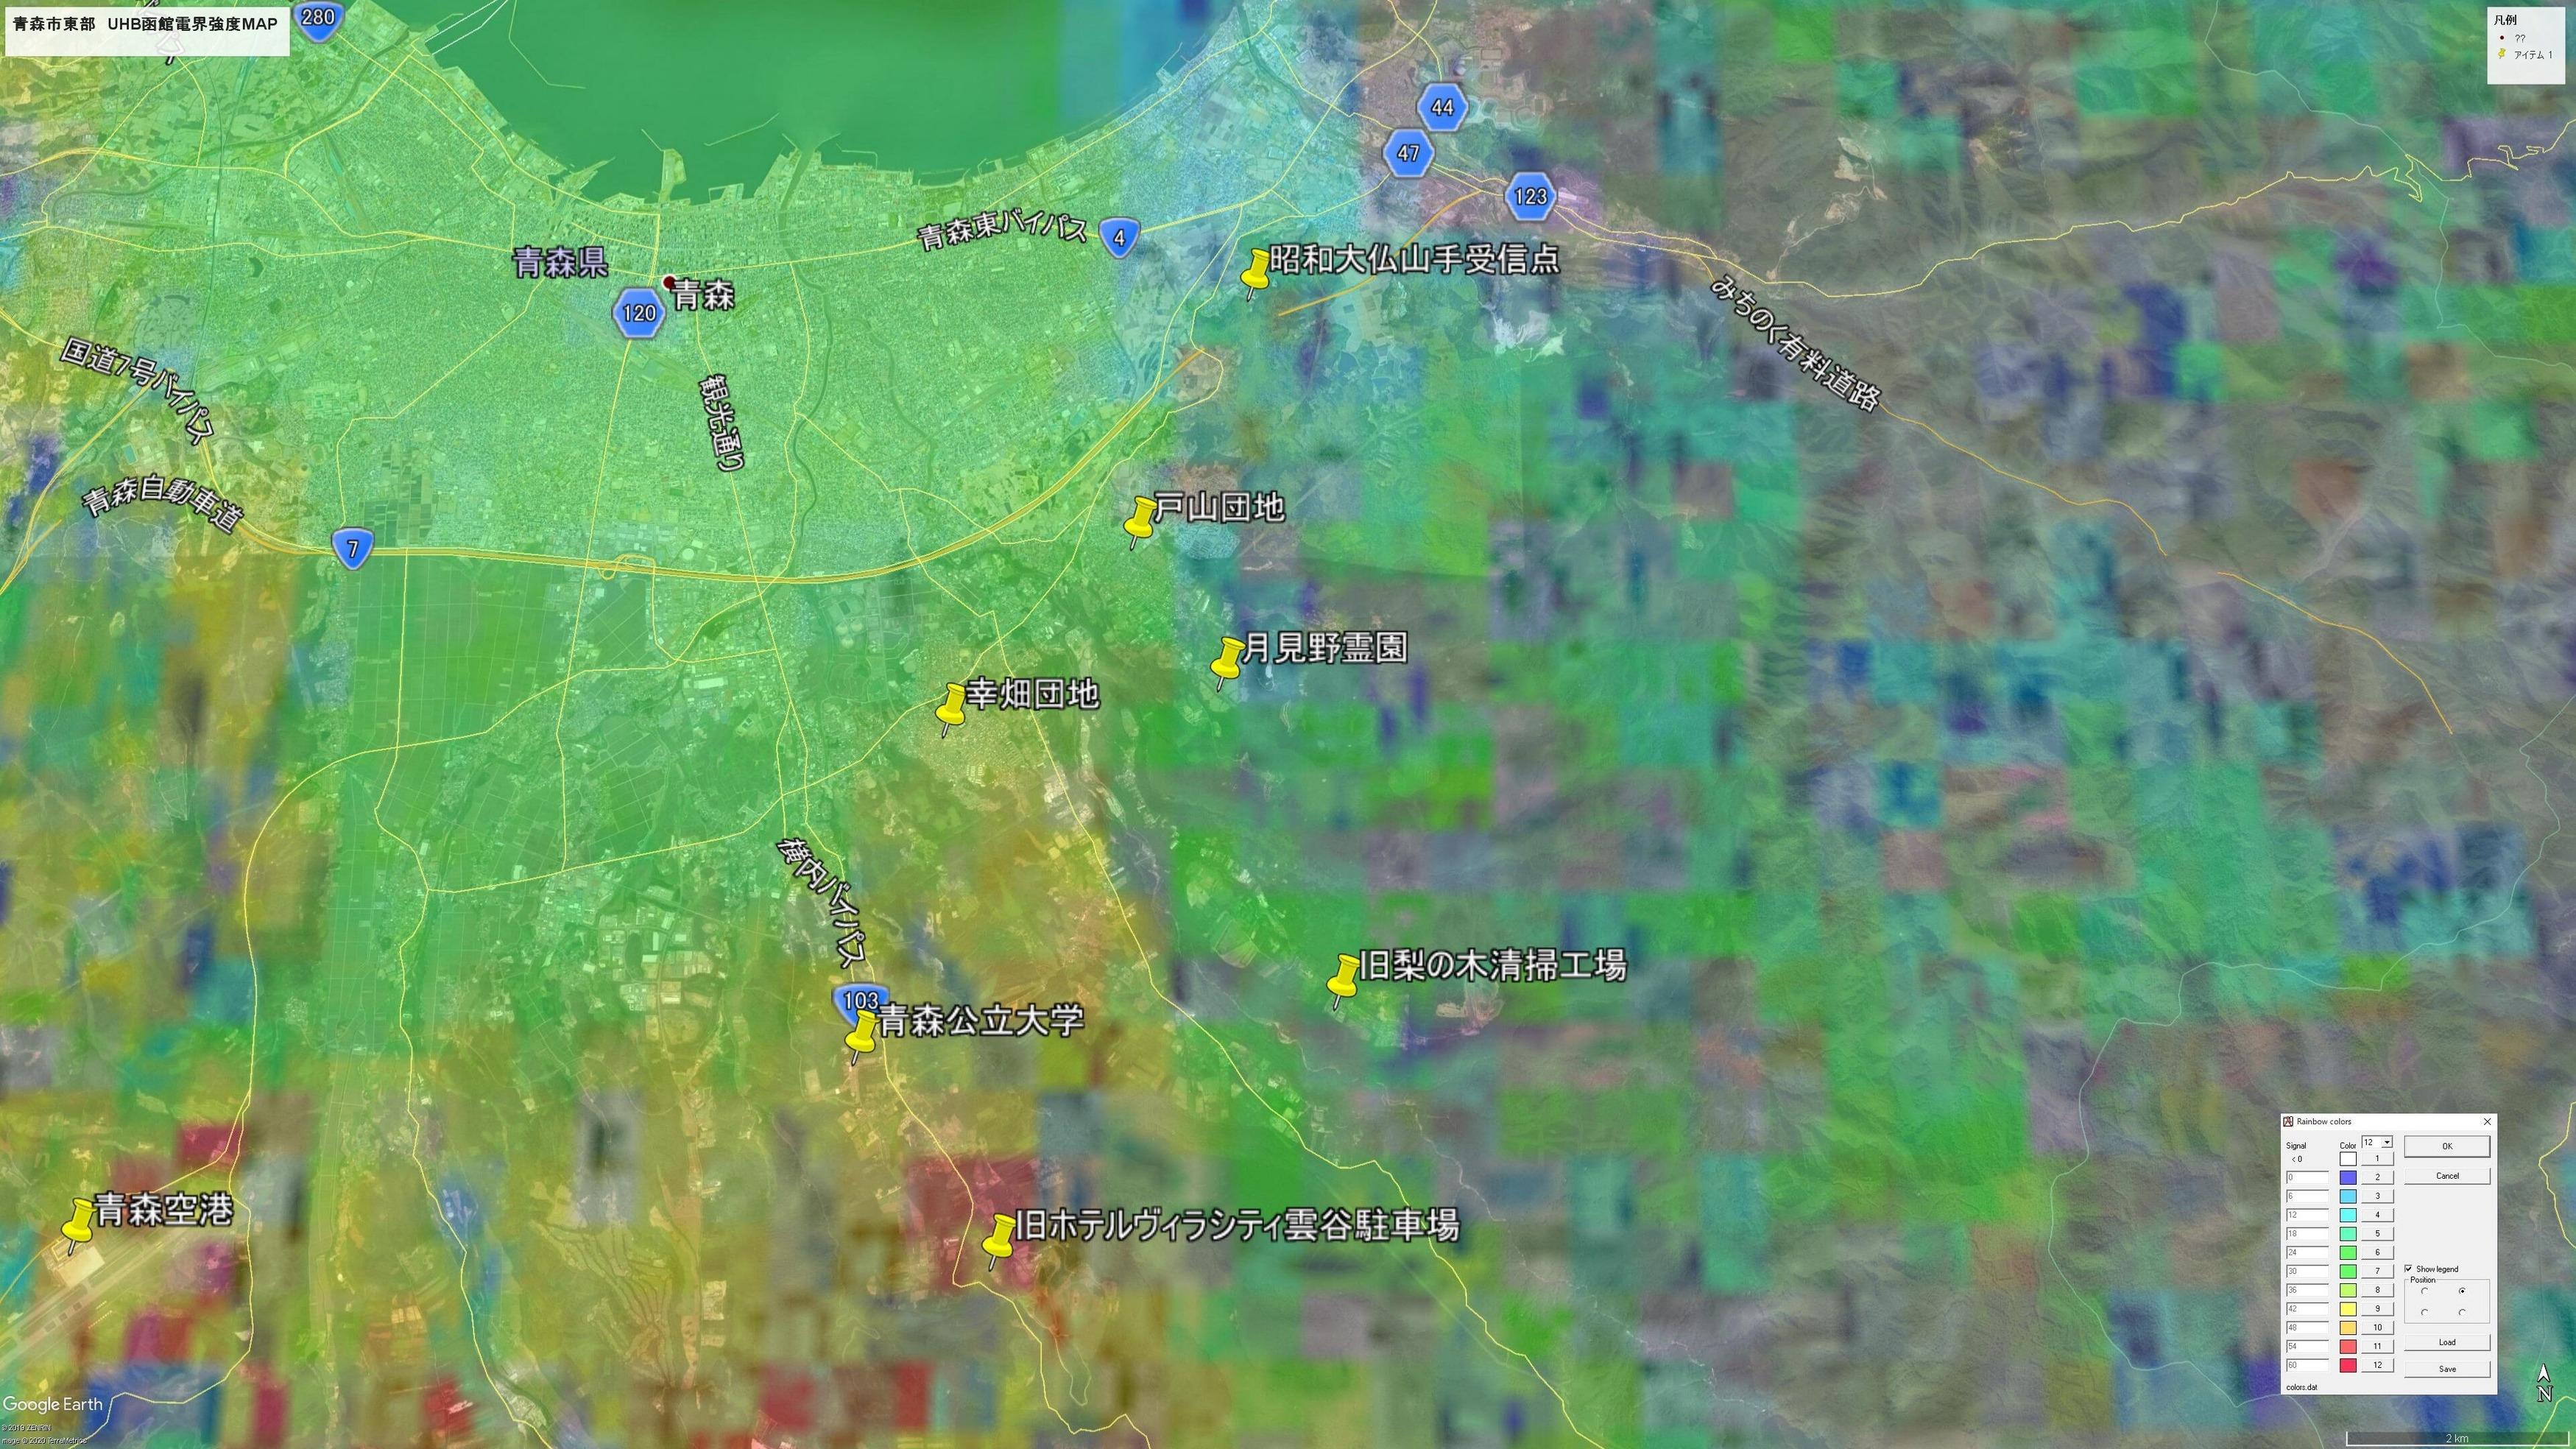 青森市東部UHB受信電界強度